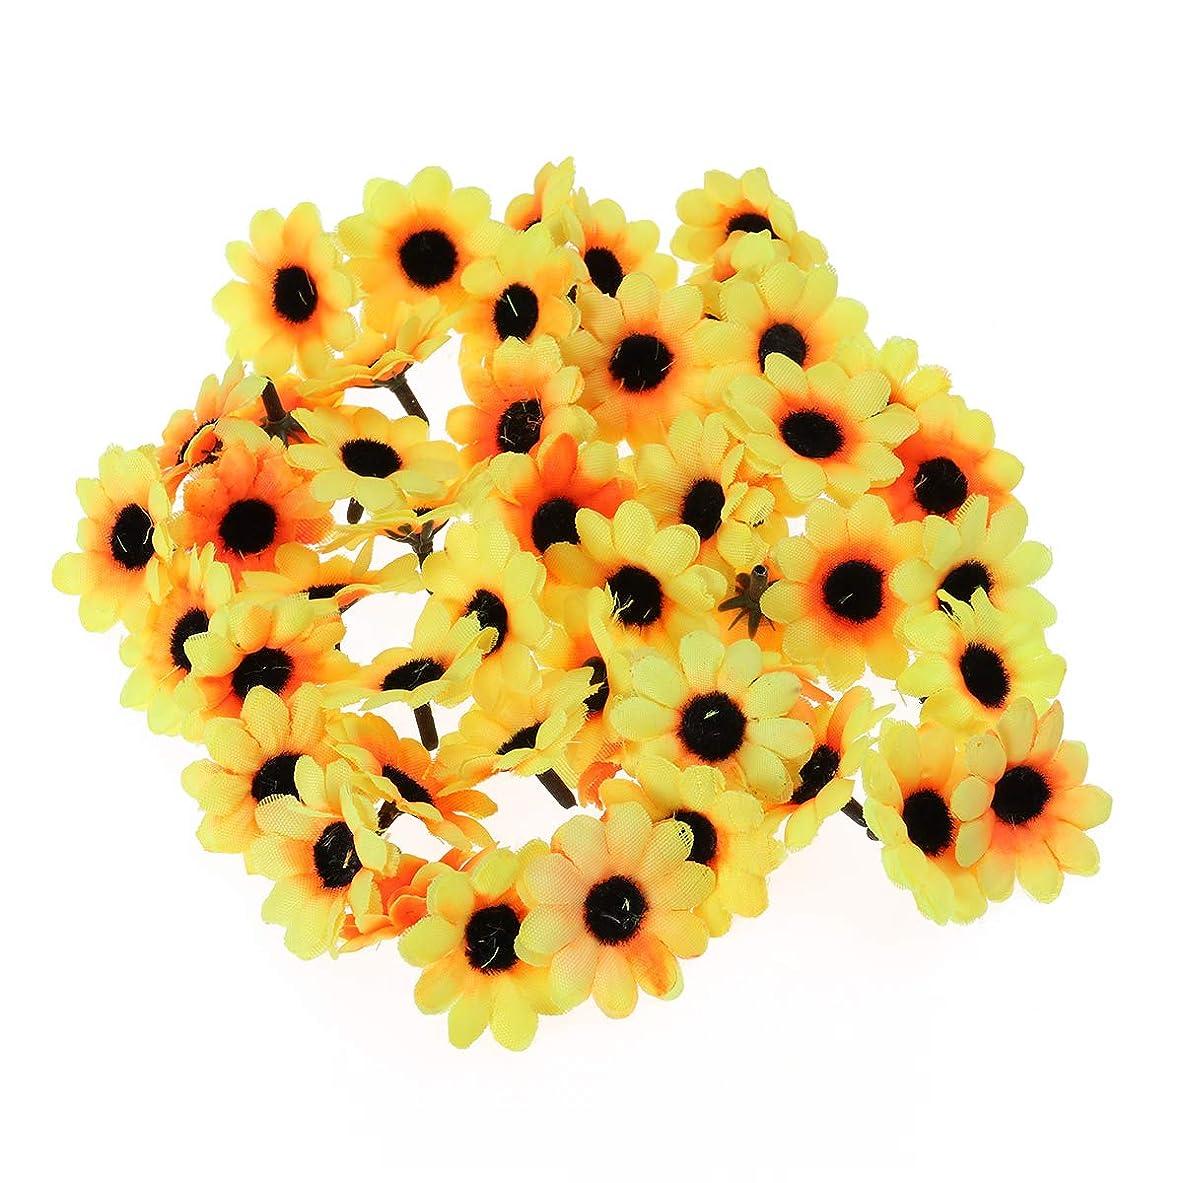 散髪こどもセンターパスタ花ヘッド 造花 花部分のみ 結婚式 パーティー ホーム オフィス ガーデン パティオ 装飾(ブラックコアと黄色)500ピース